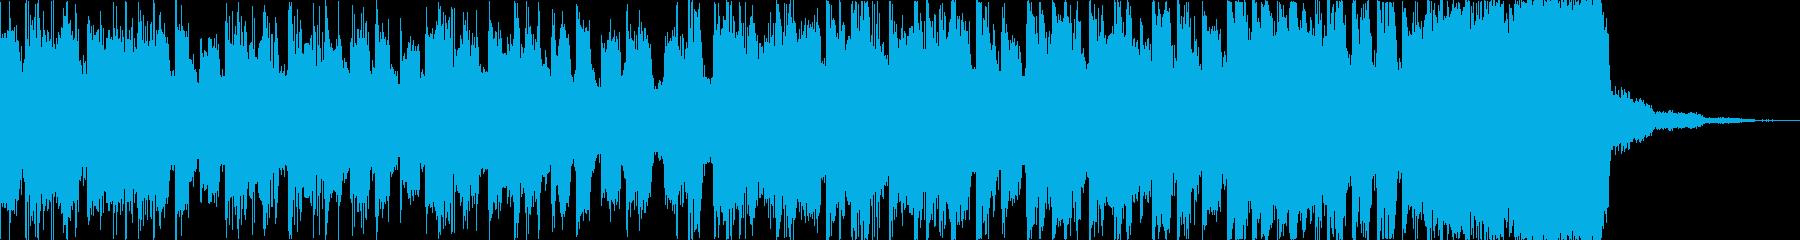 チルアウトカッコいいトロピカルハウスdの再生済みの波形